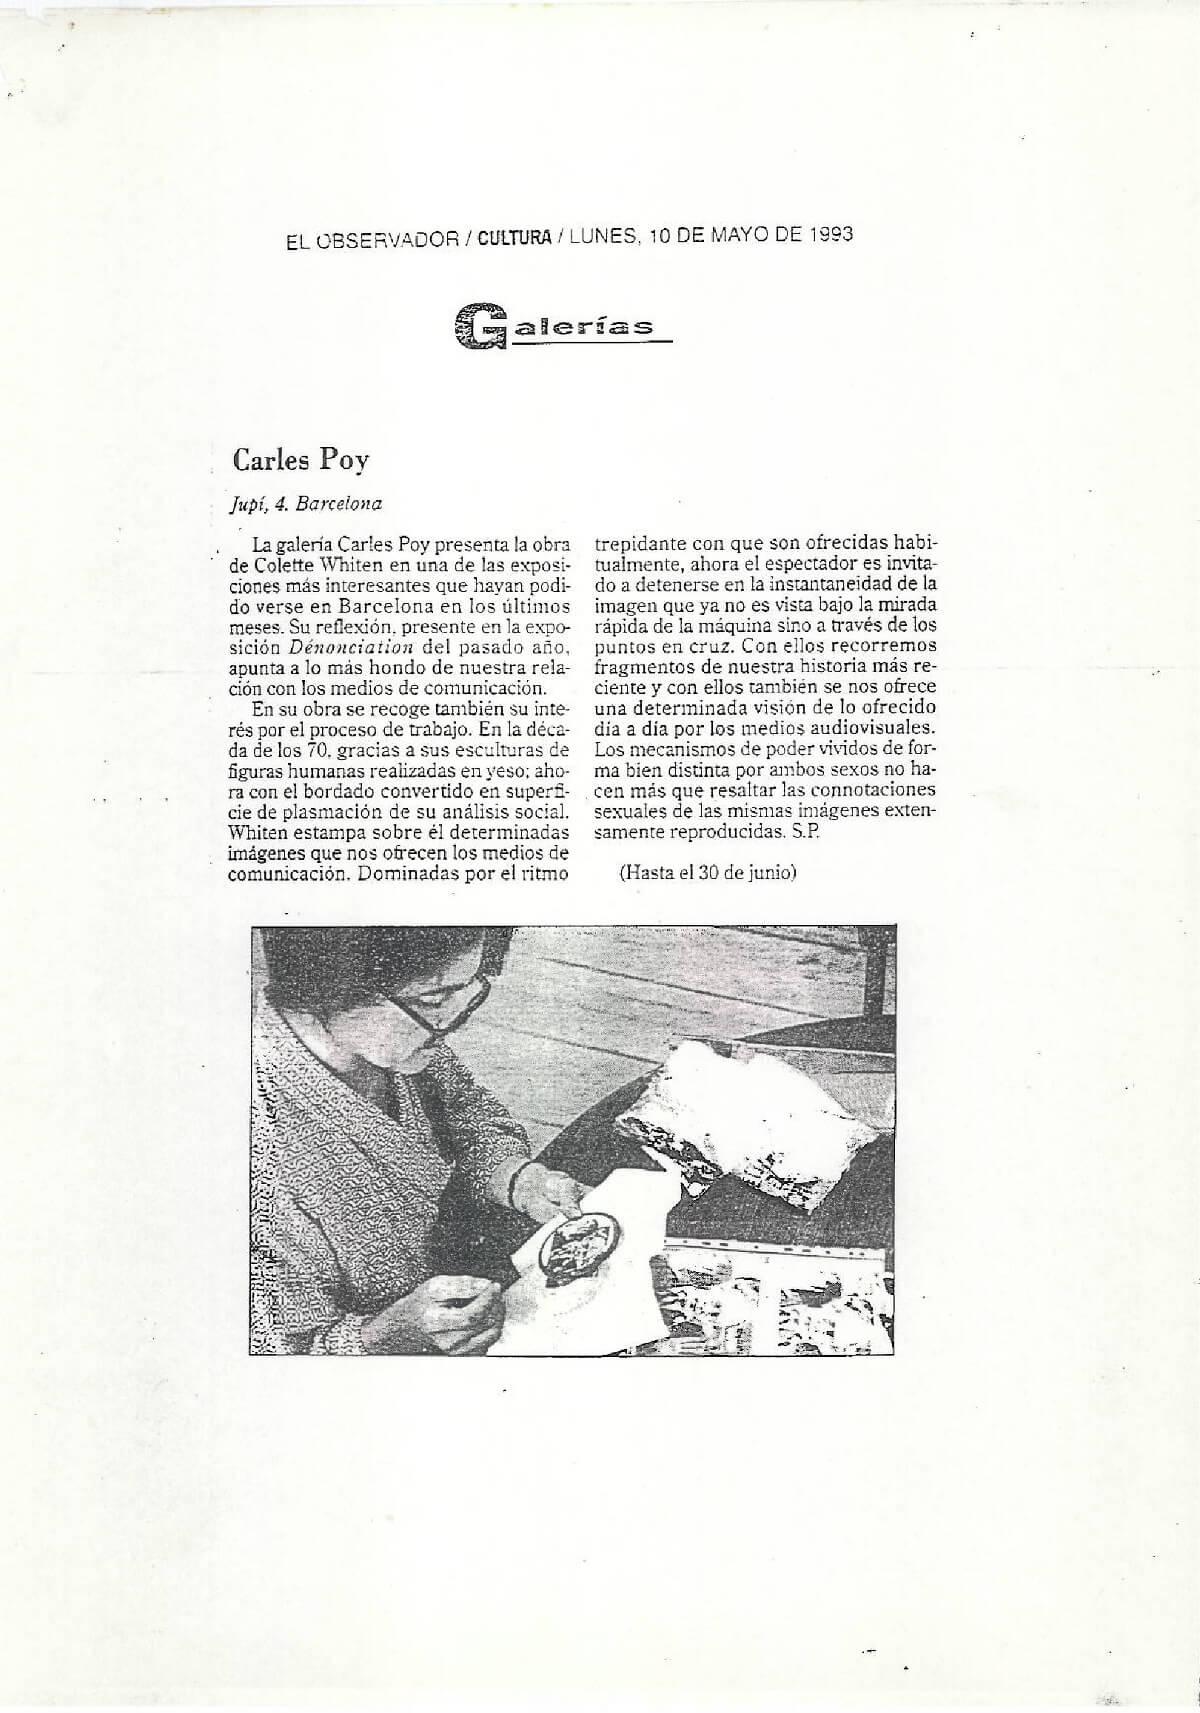 10_5_1993_EL-OBSERVADOR